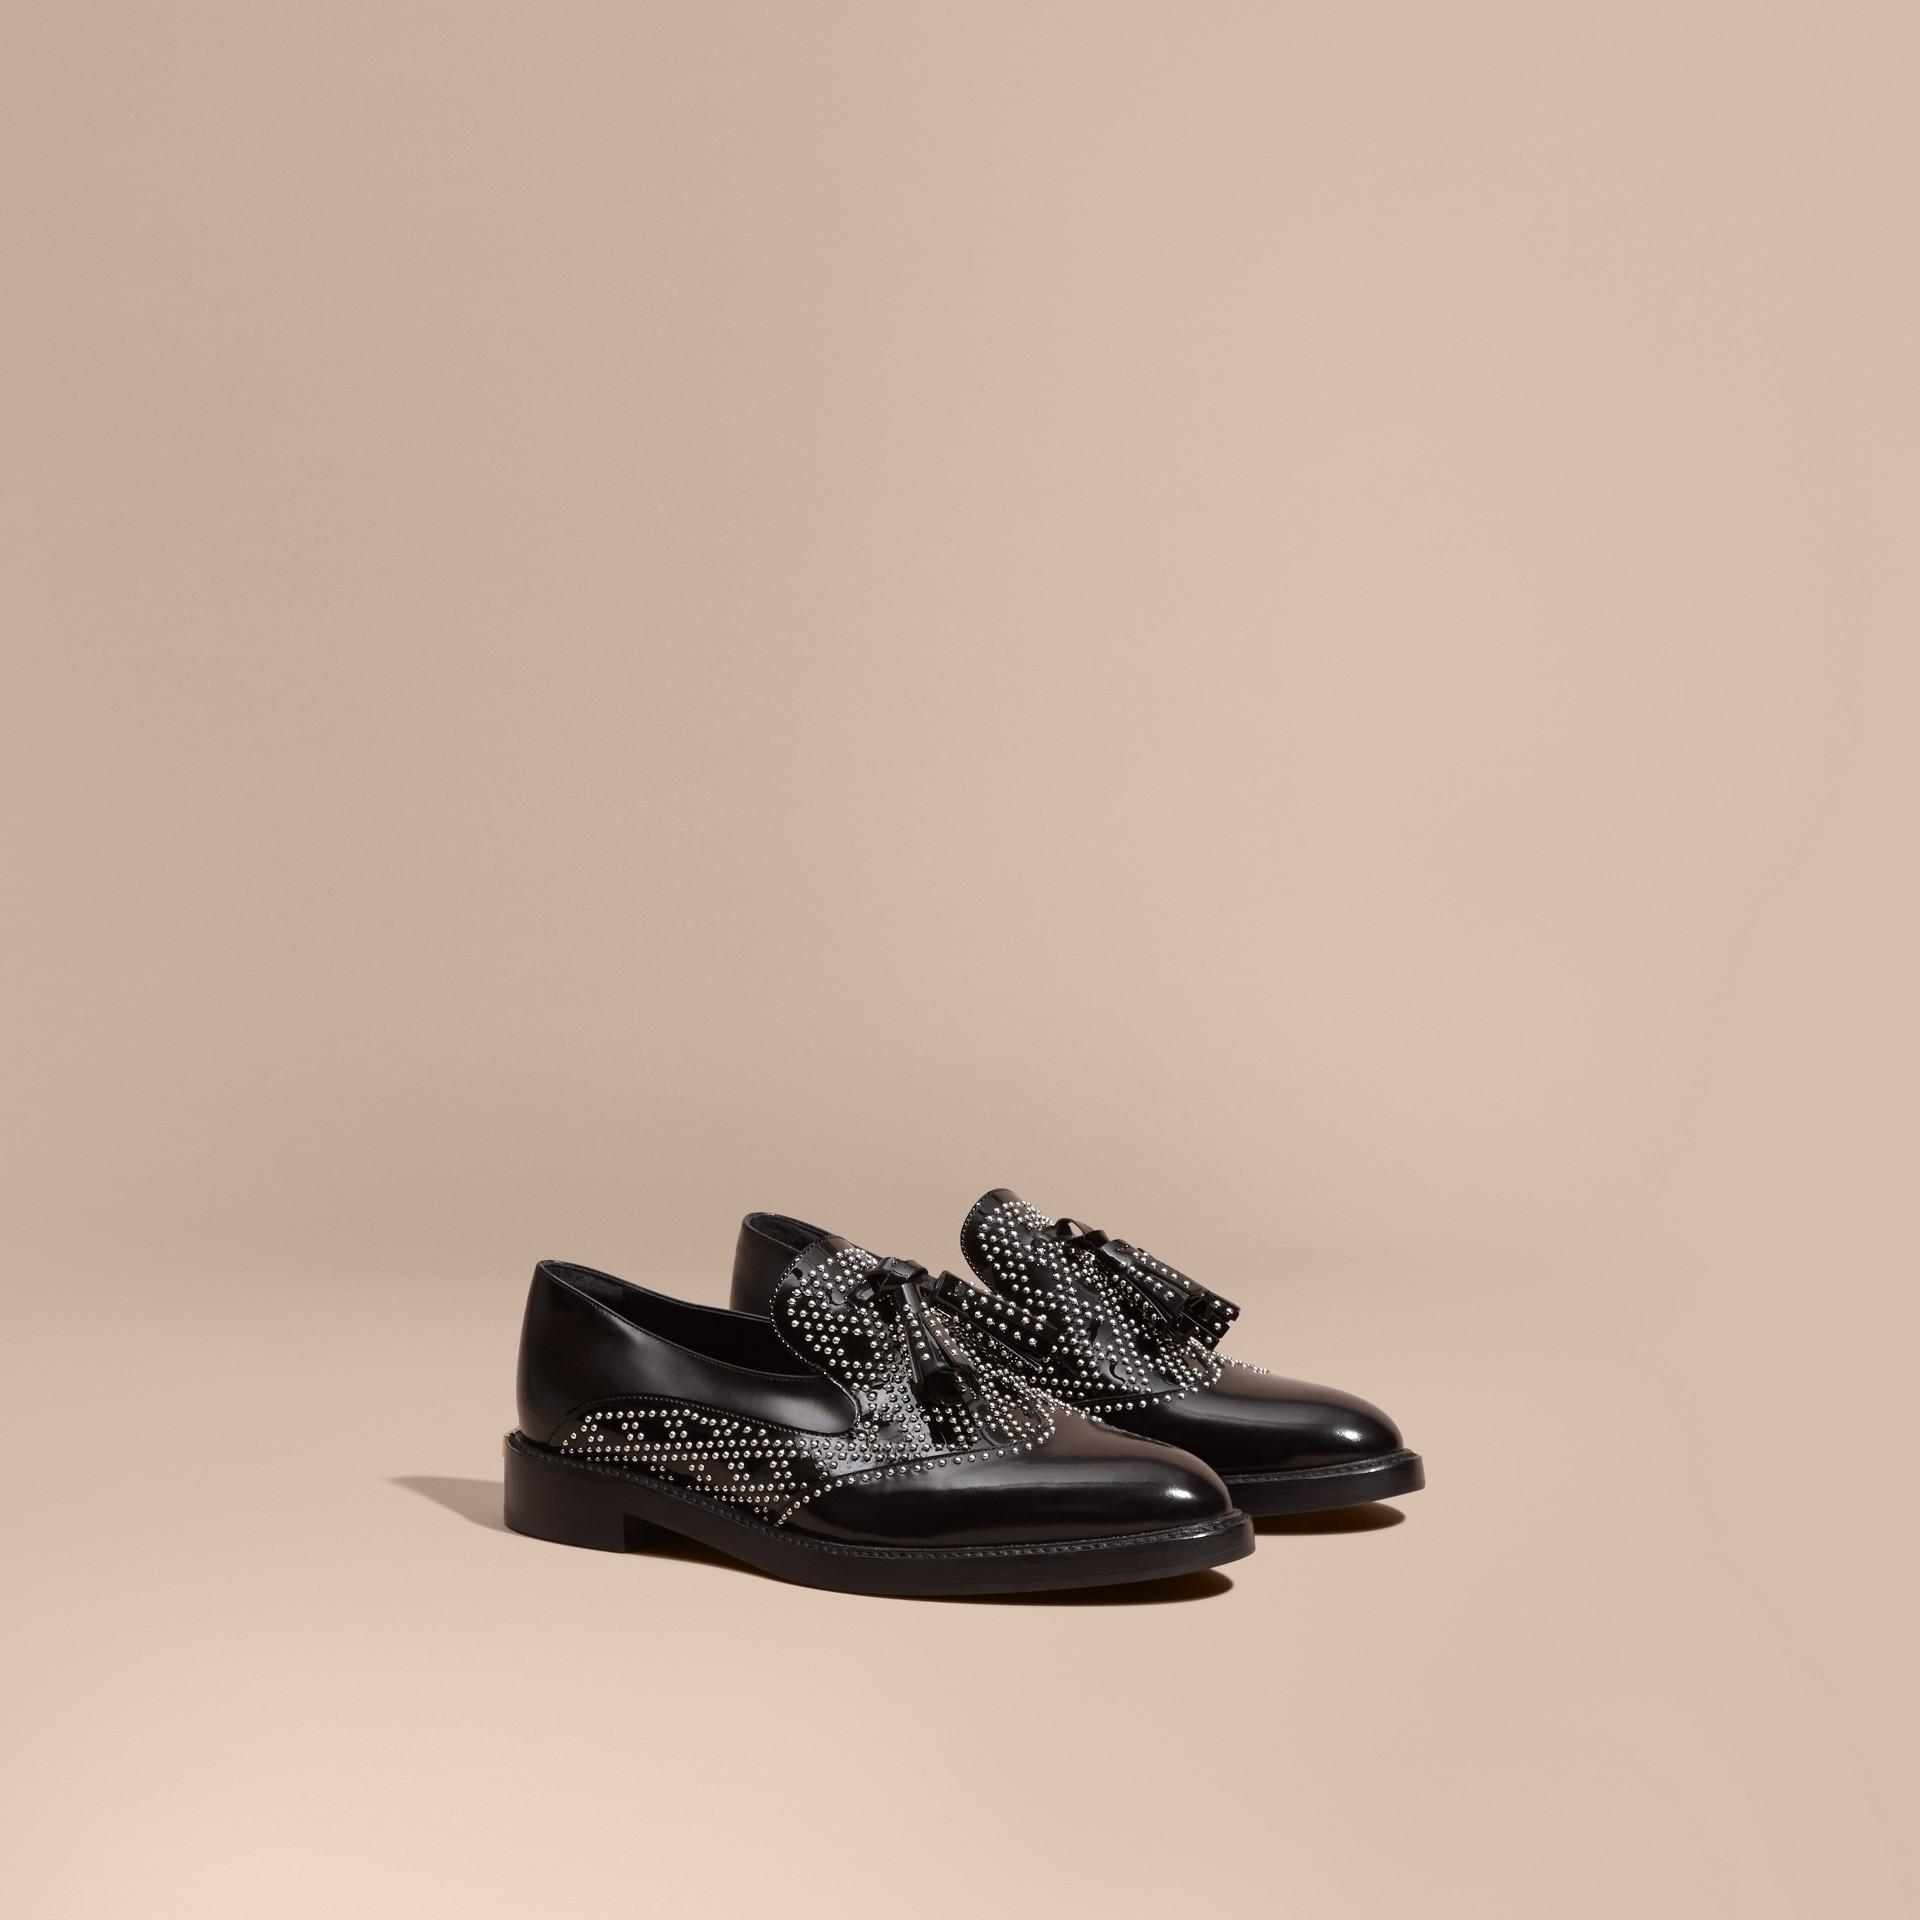 Nero Mocassini in pelle con borchie e nappe - immagine della galleria 1